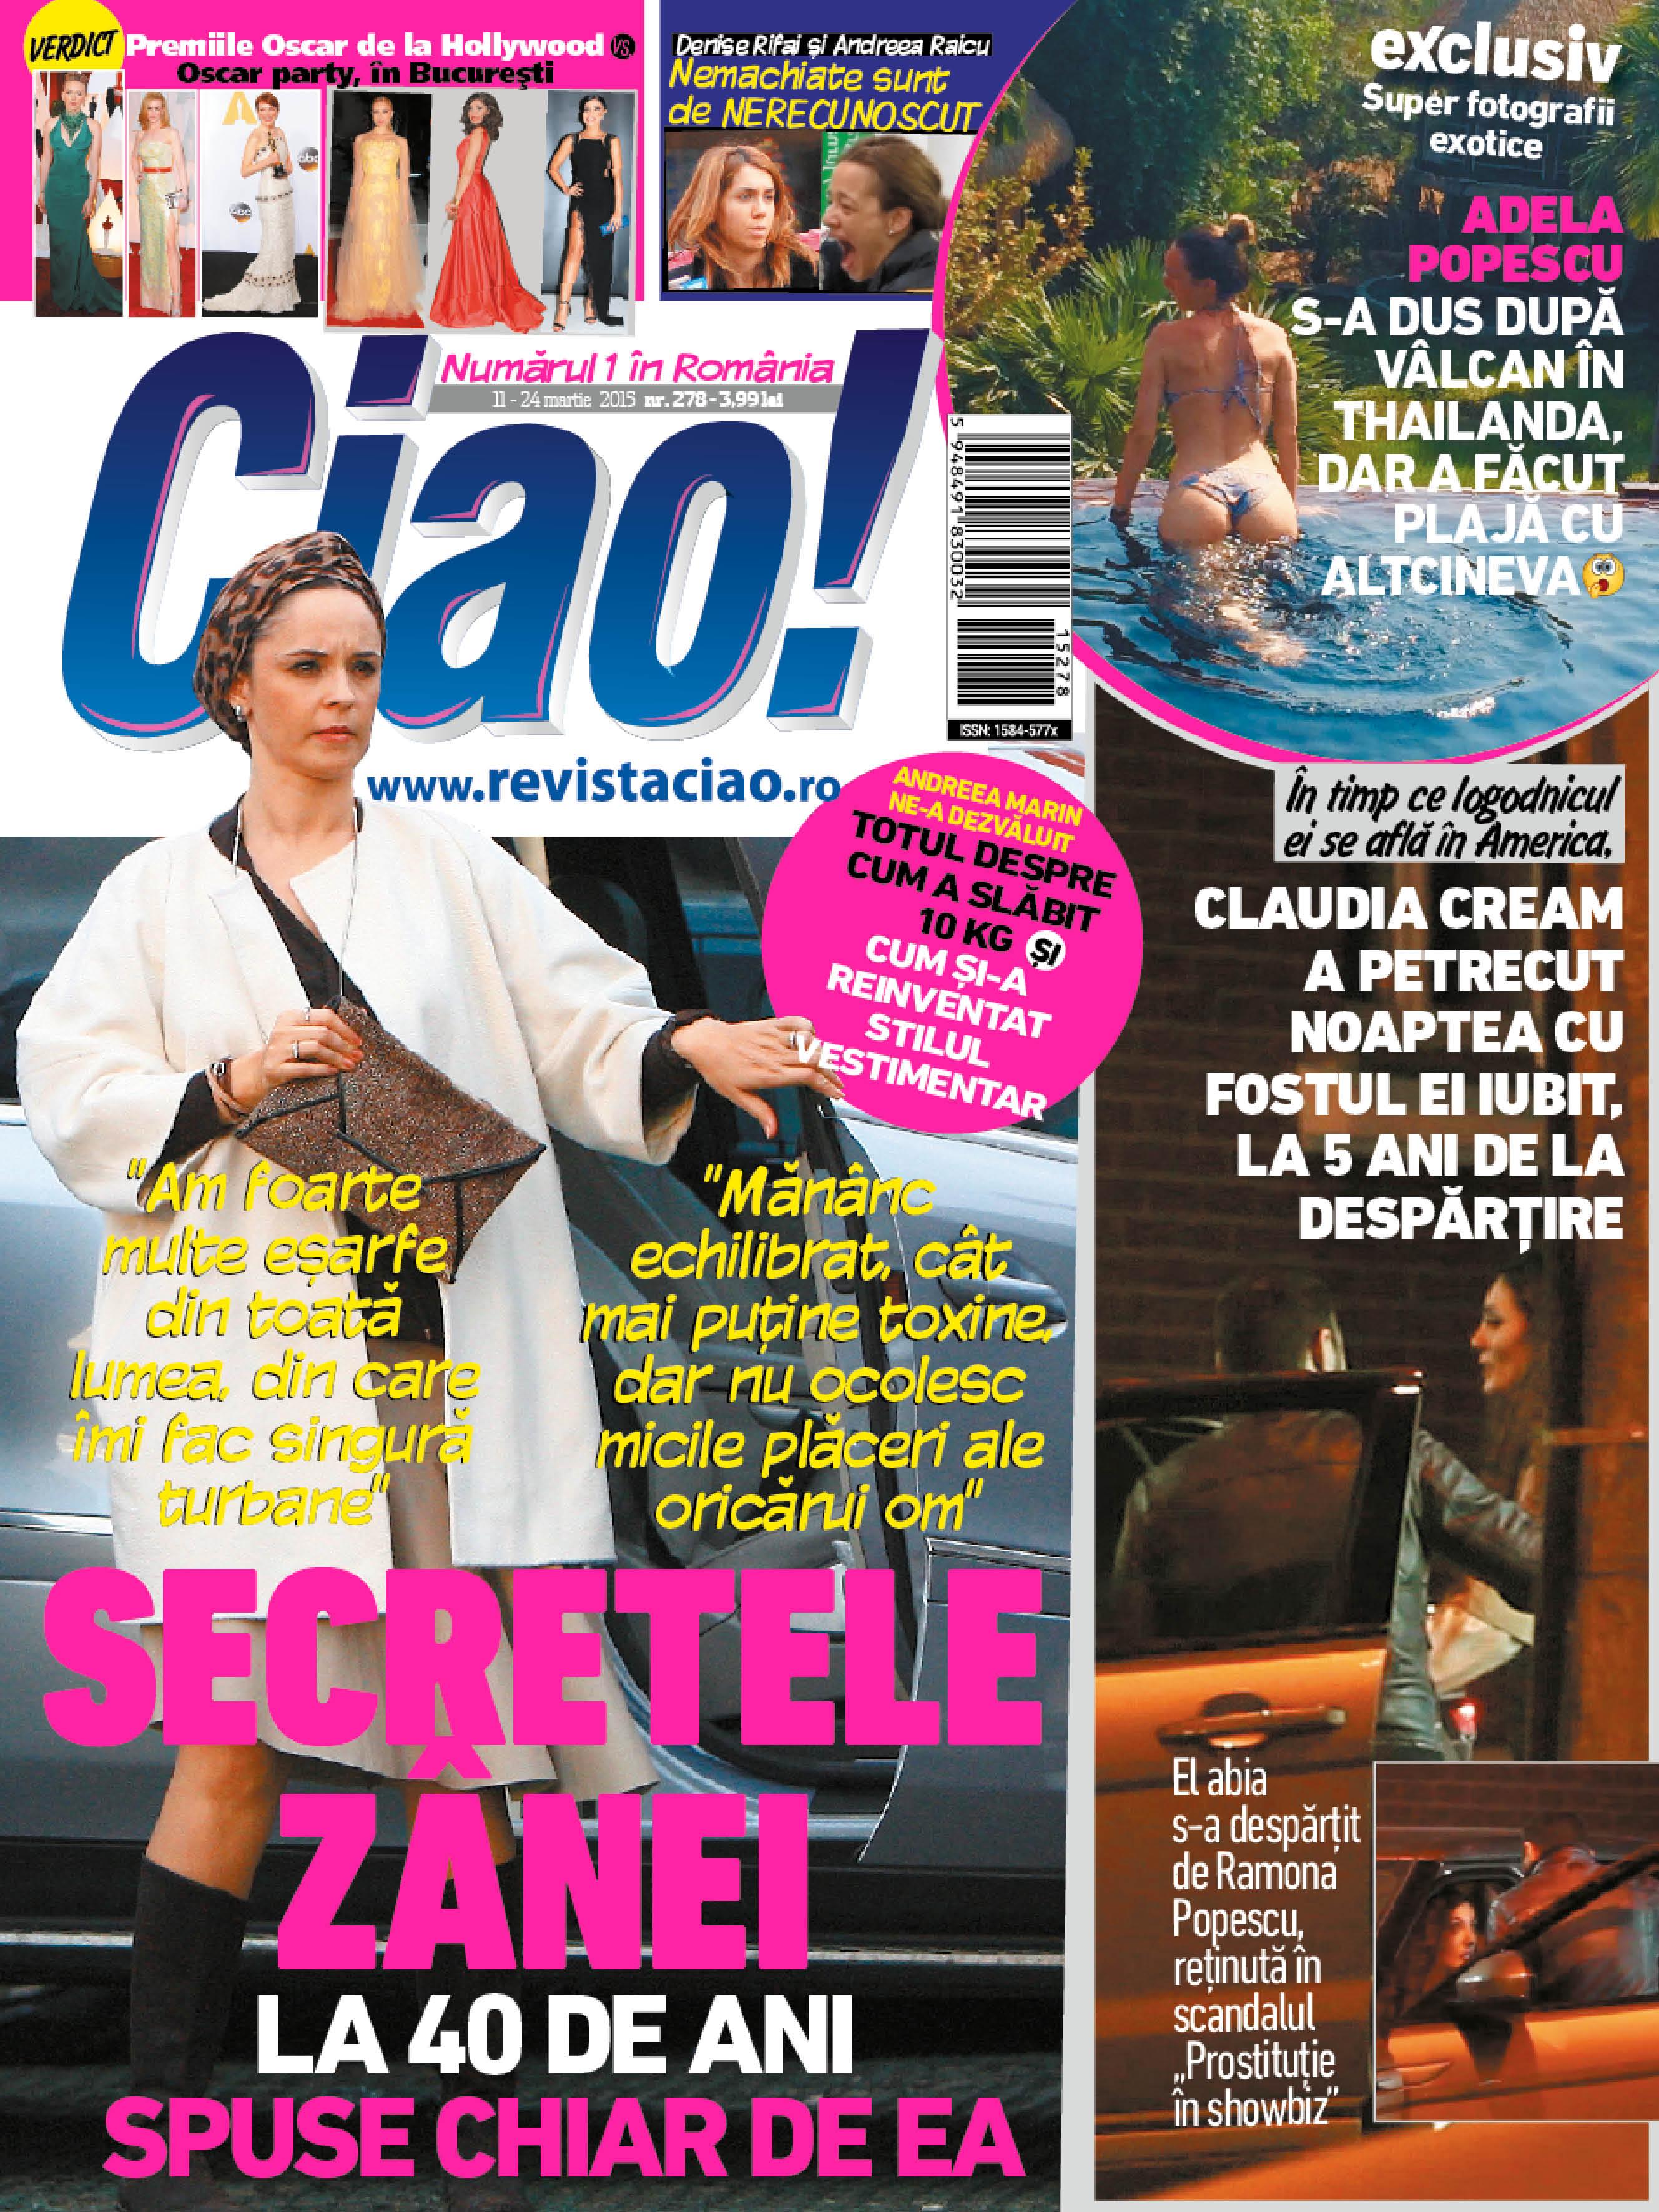 Mai multe detalii despre aventura artistei gasiti in noul numar al revistei CIAO!